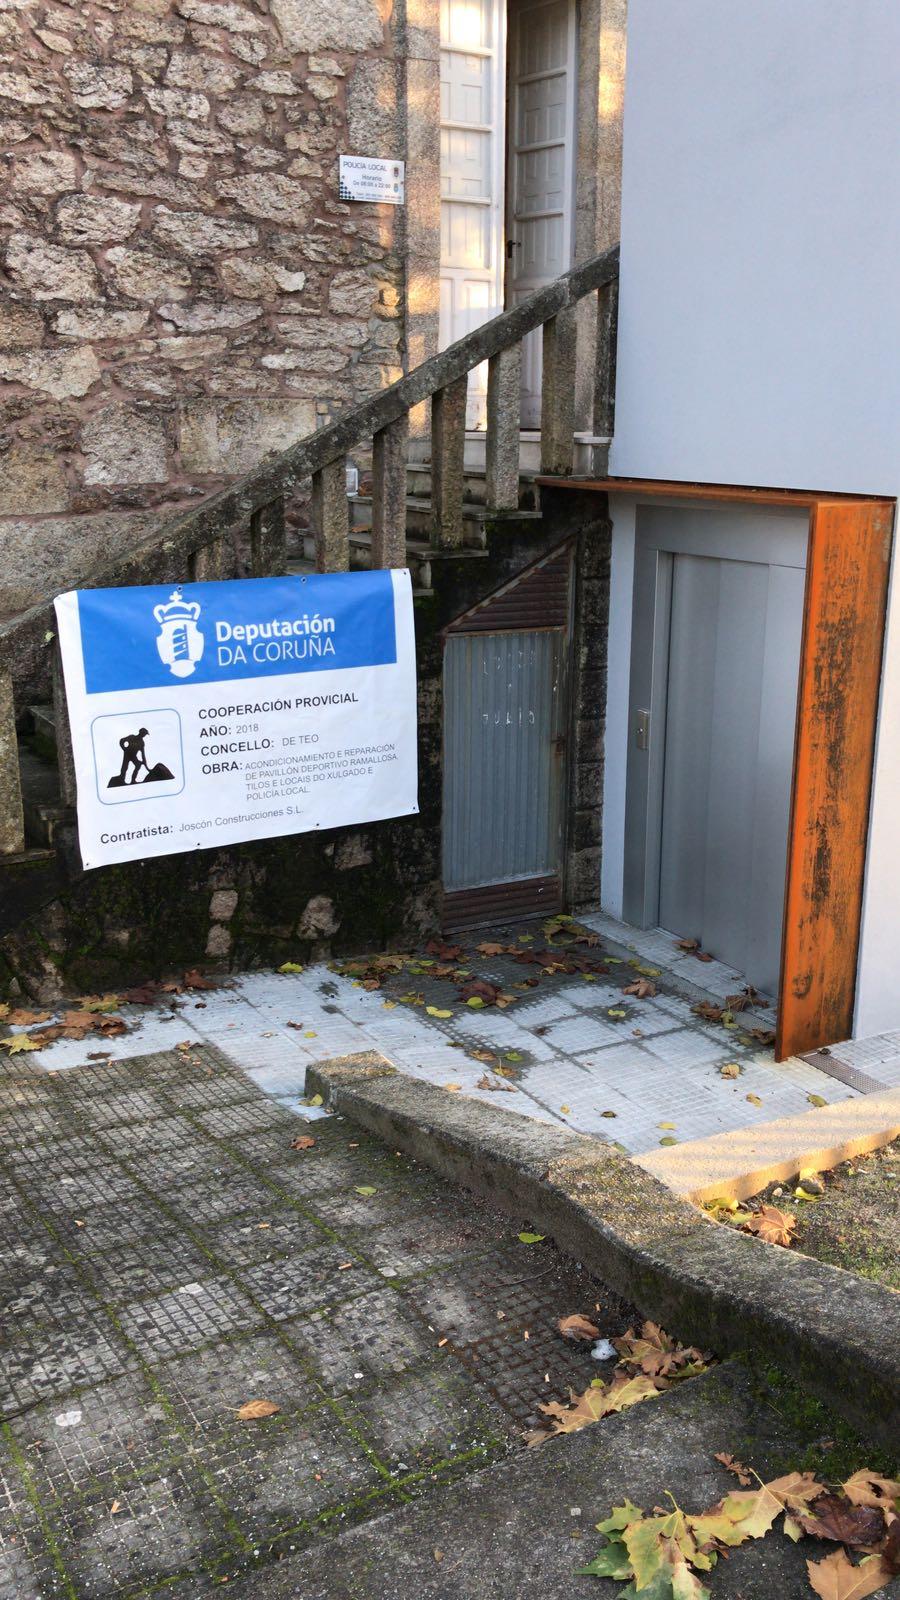 Acondicionamiento Y Reparación Del Pabellón Deportivo Ramallosa, Tilos Y Locales Del Juzgado Y Policía Local